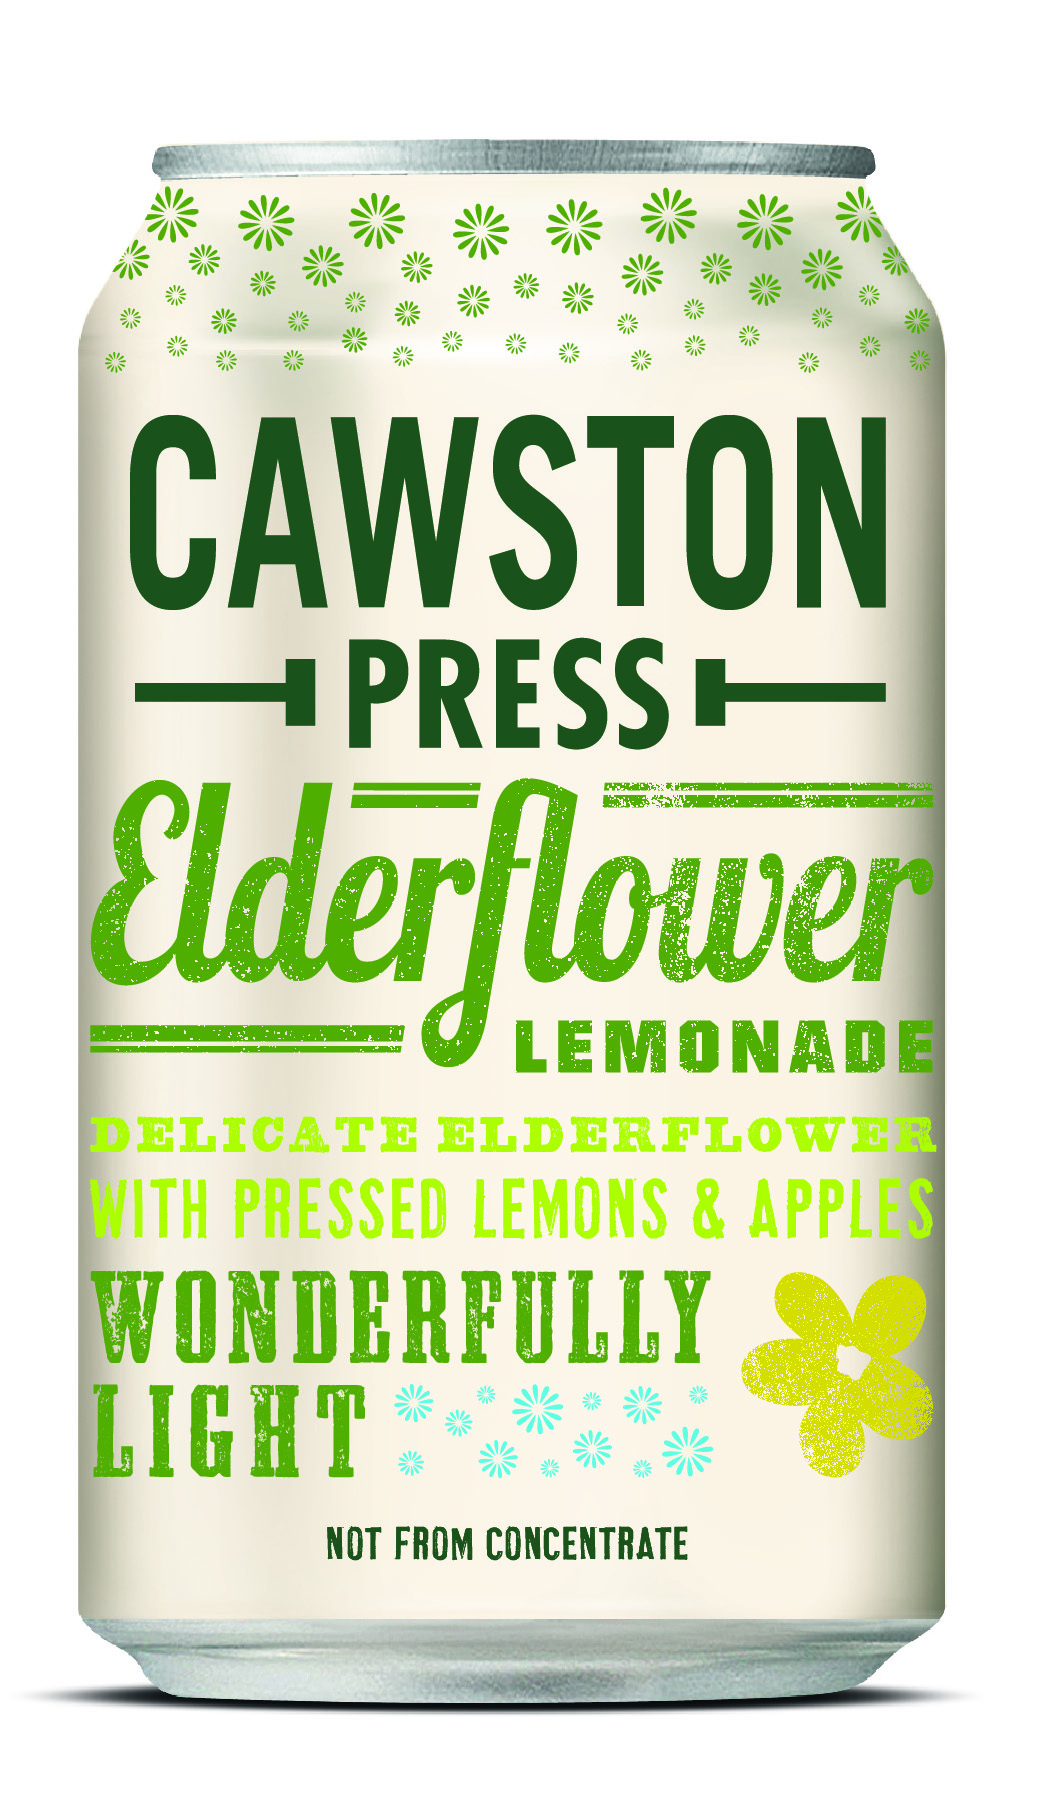 Sparkling Elderflower Lemonade